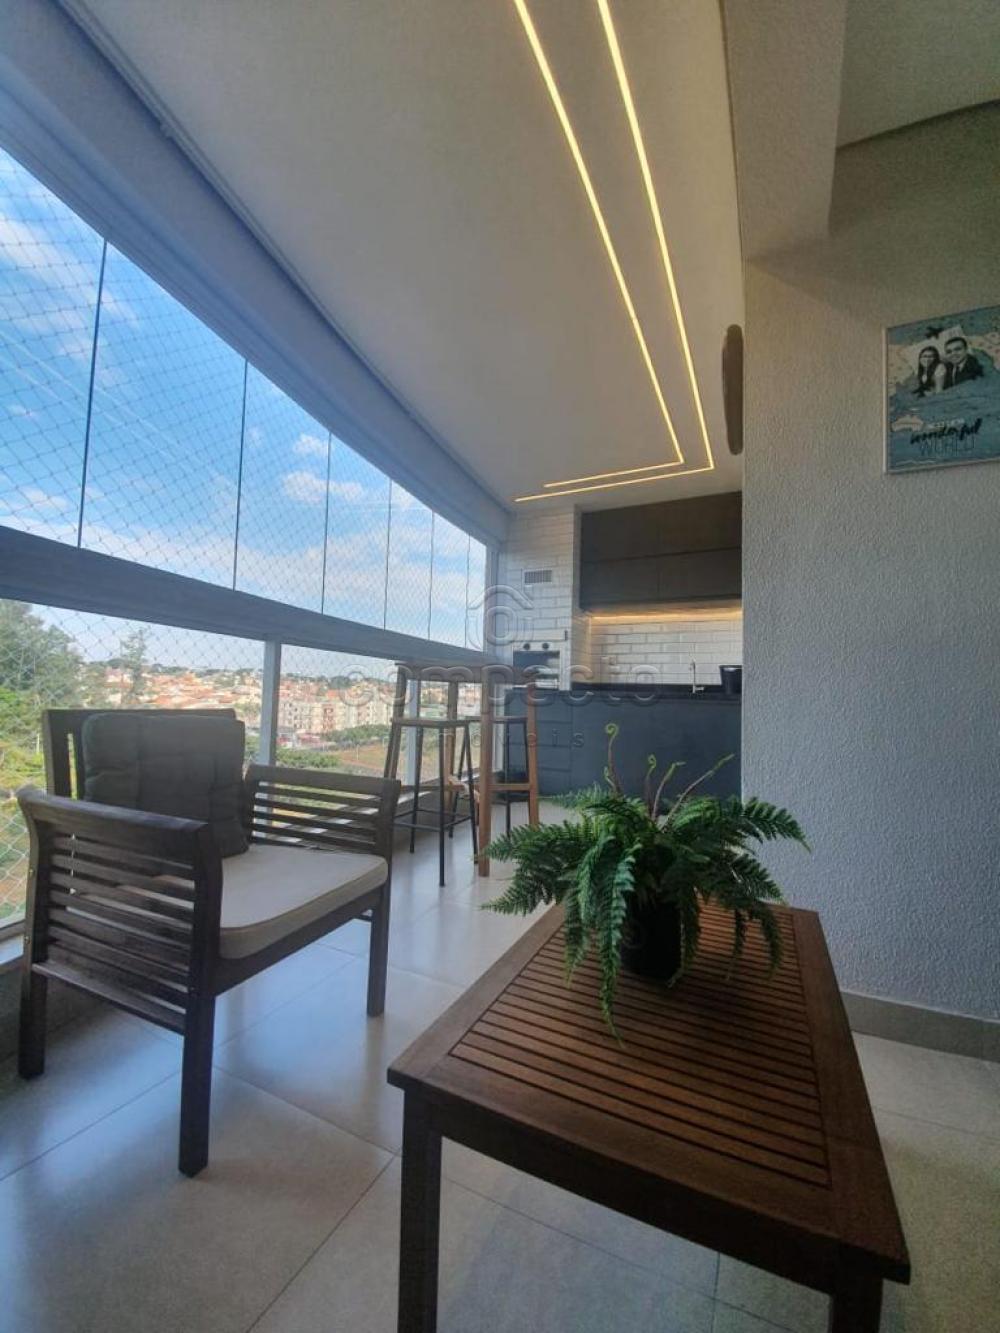 Comprar Apartamento / Padrão em São José do Rio Preto apenas R$ 635.000,00 - Foto 5